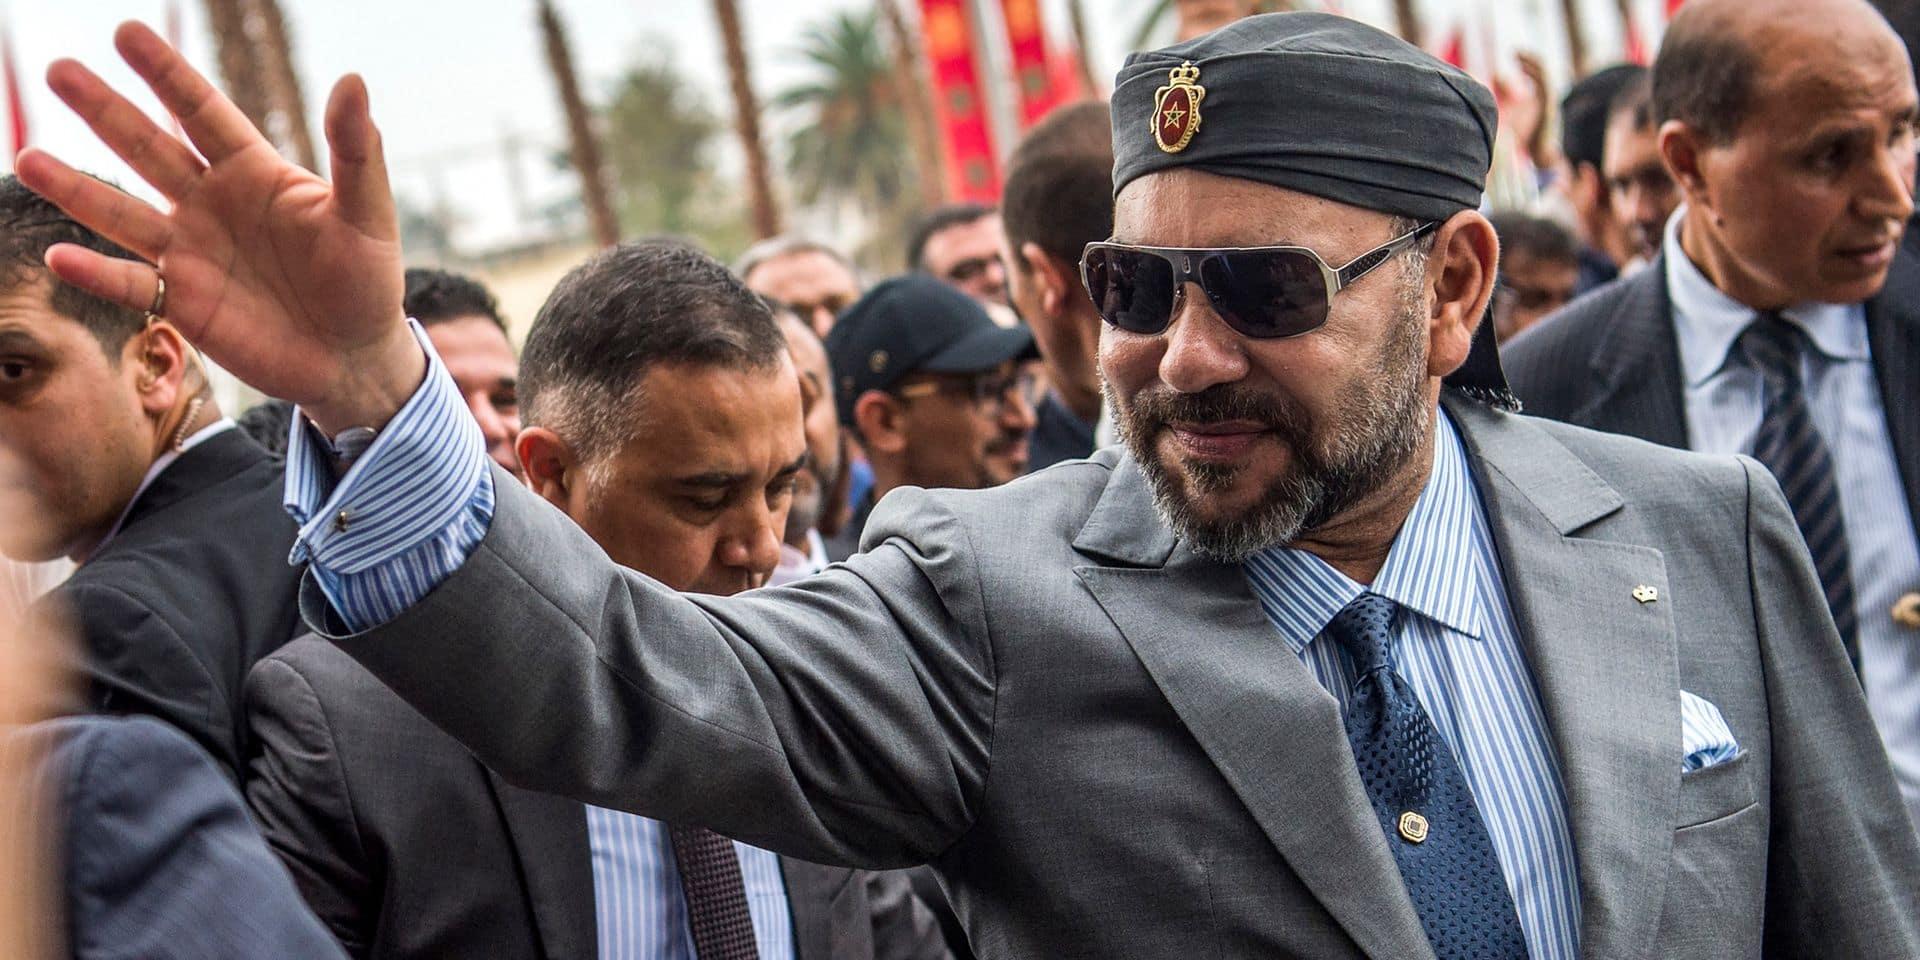 Mohammed VI du Maroc : son nouveau pied-à-terre parisien à 80 millions d'euros fait jaser